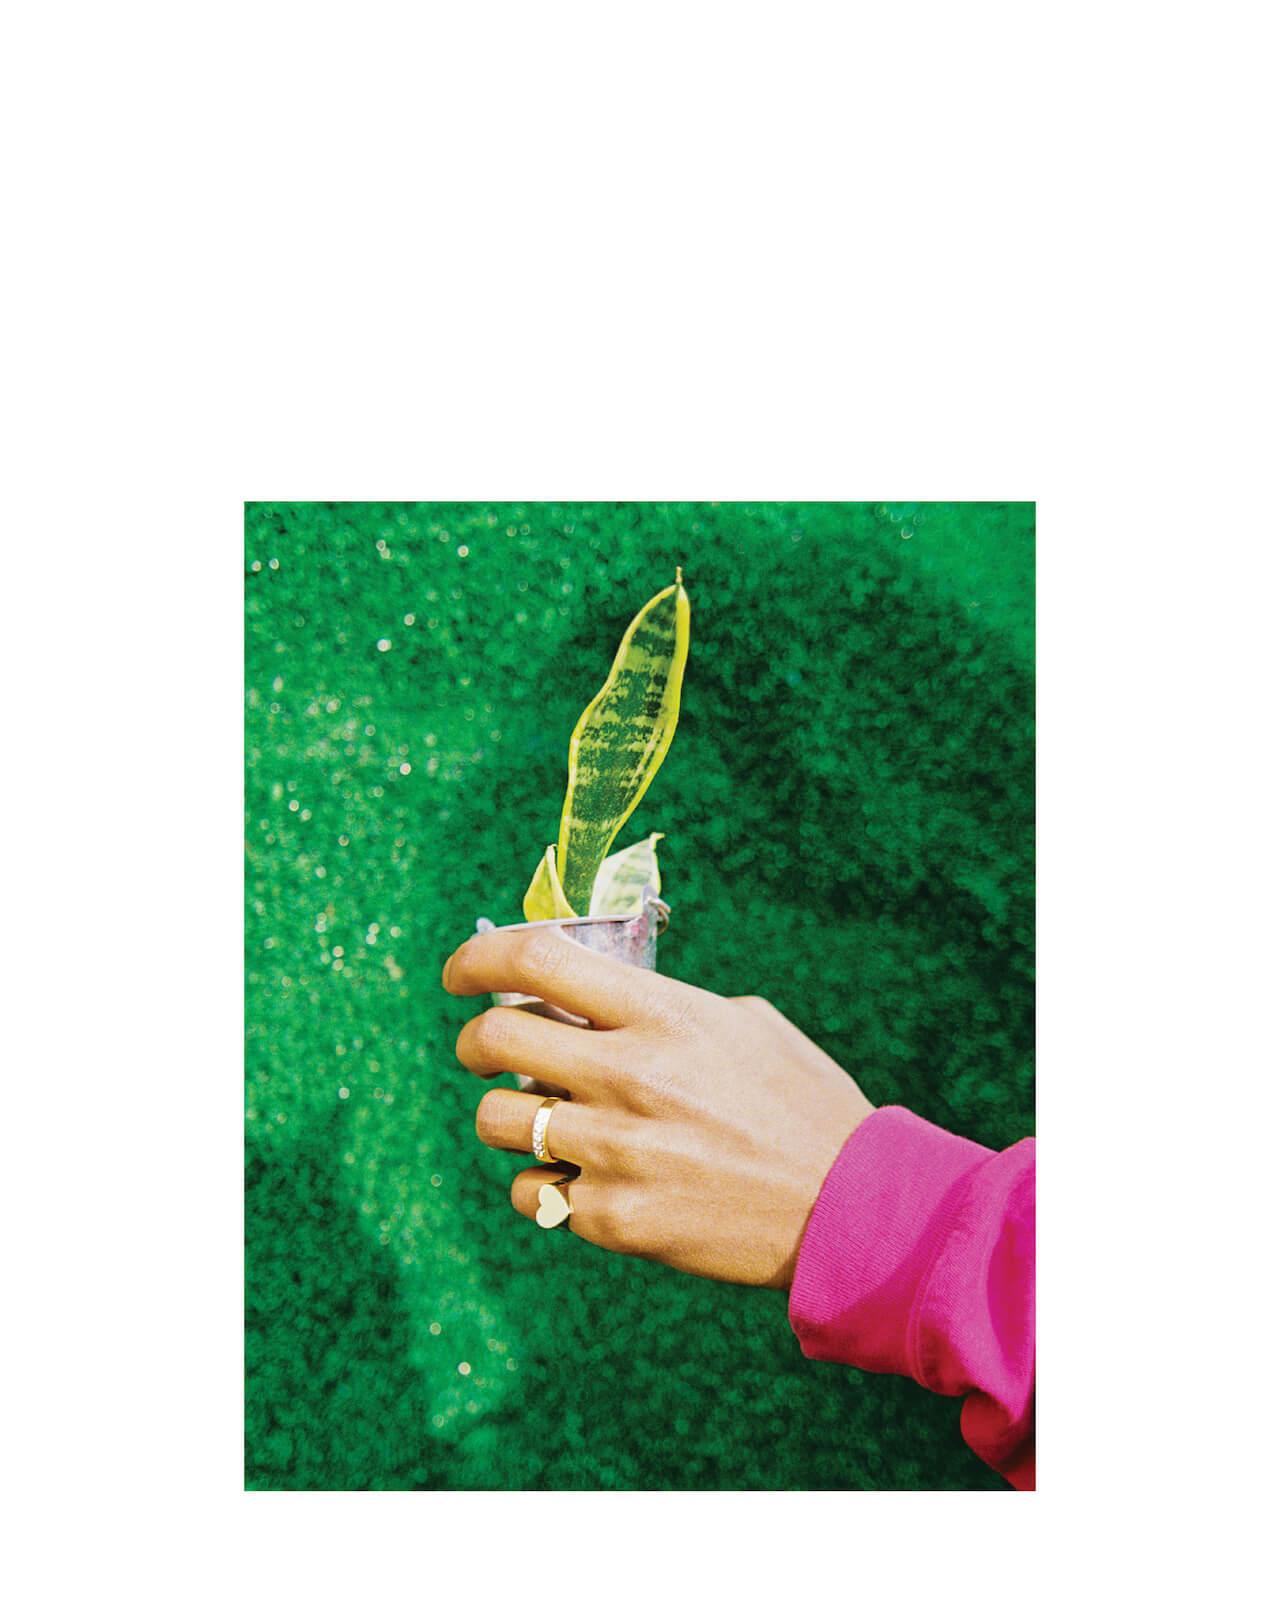 消費者に社会問題を投げかけるジュエリーブランド「Mr.Saturday」がローンチ life-fashion200330-mrsaturday-4-1